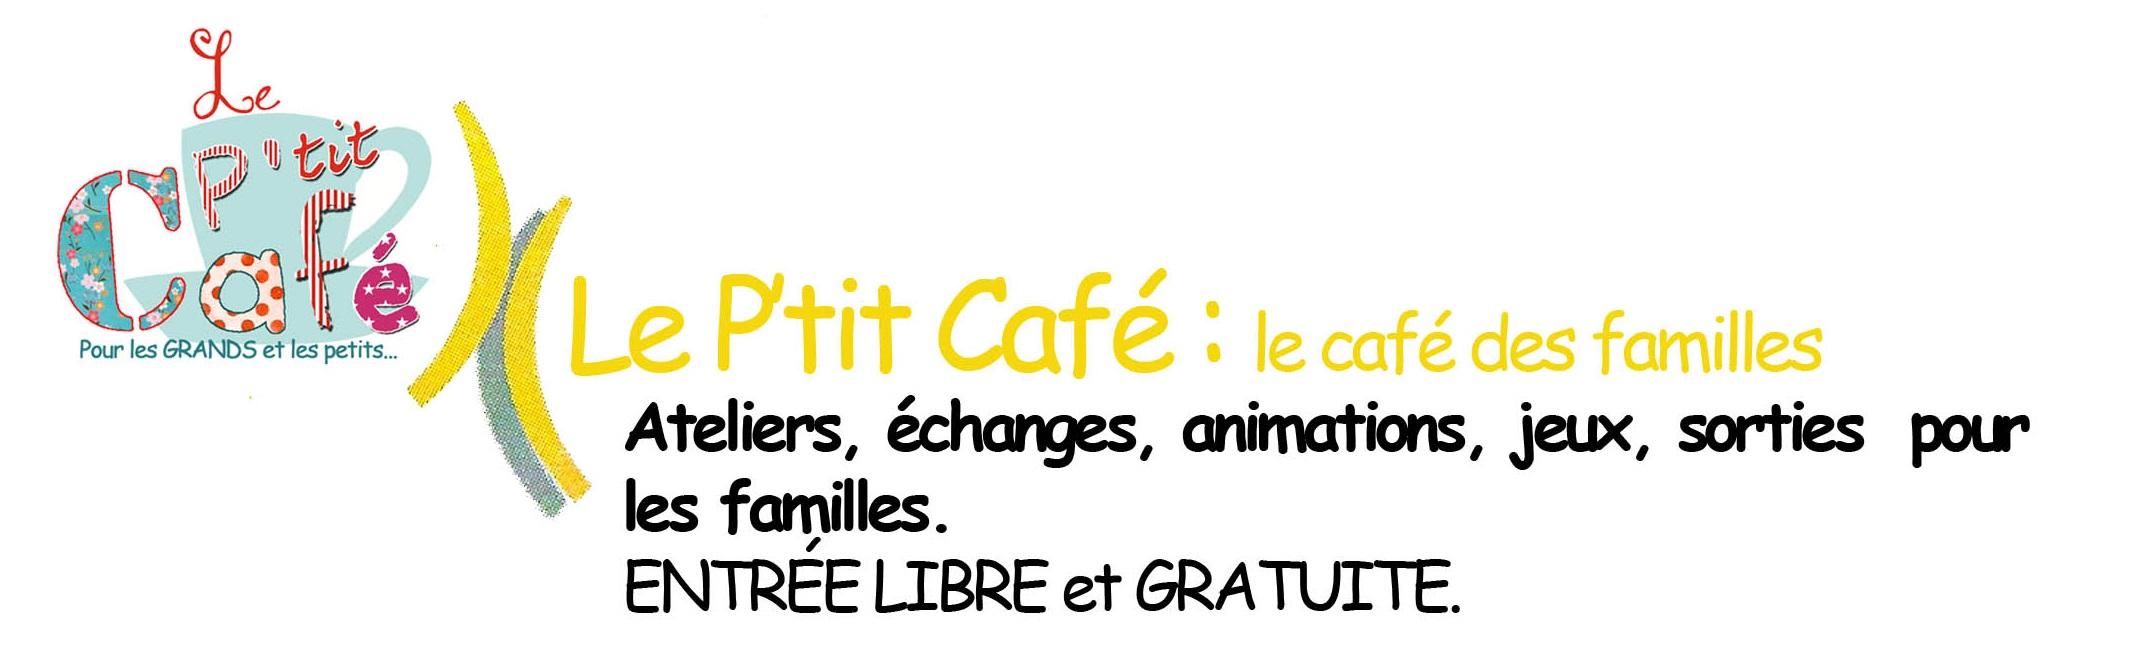 Logo Le petit café